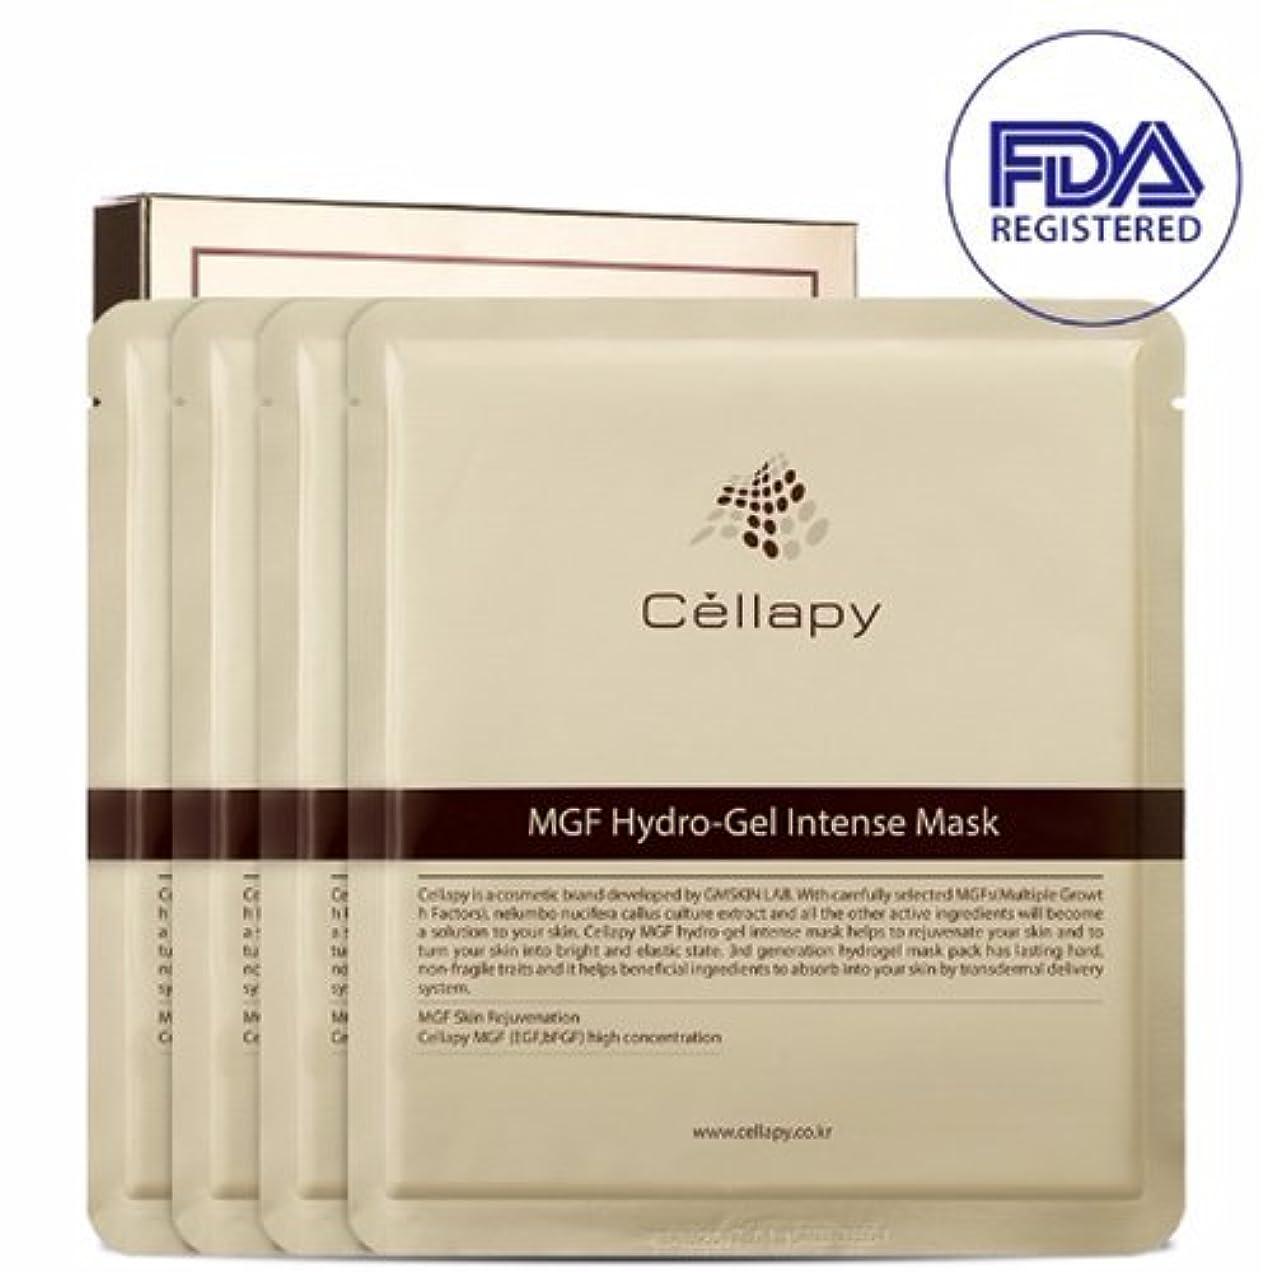 祈り不適切なワードローブセルラピ MGFハイドロゲルインテンスマスクシート25g*4枚セット[並行輸入品] / Cellapy MGF Hydro-Gel Intense Mask Sheet 25g 4pcs Set for Irritable, Sensitive & Dry skin